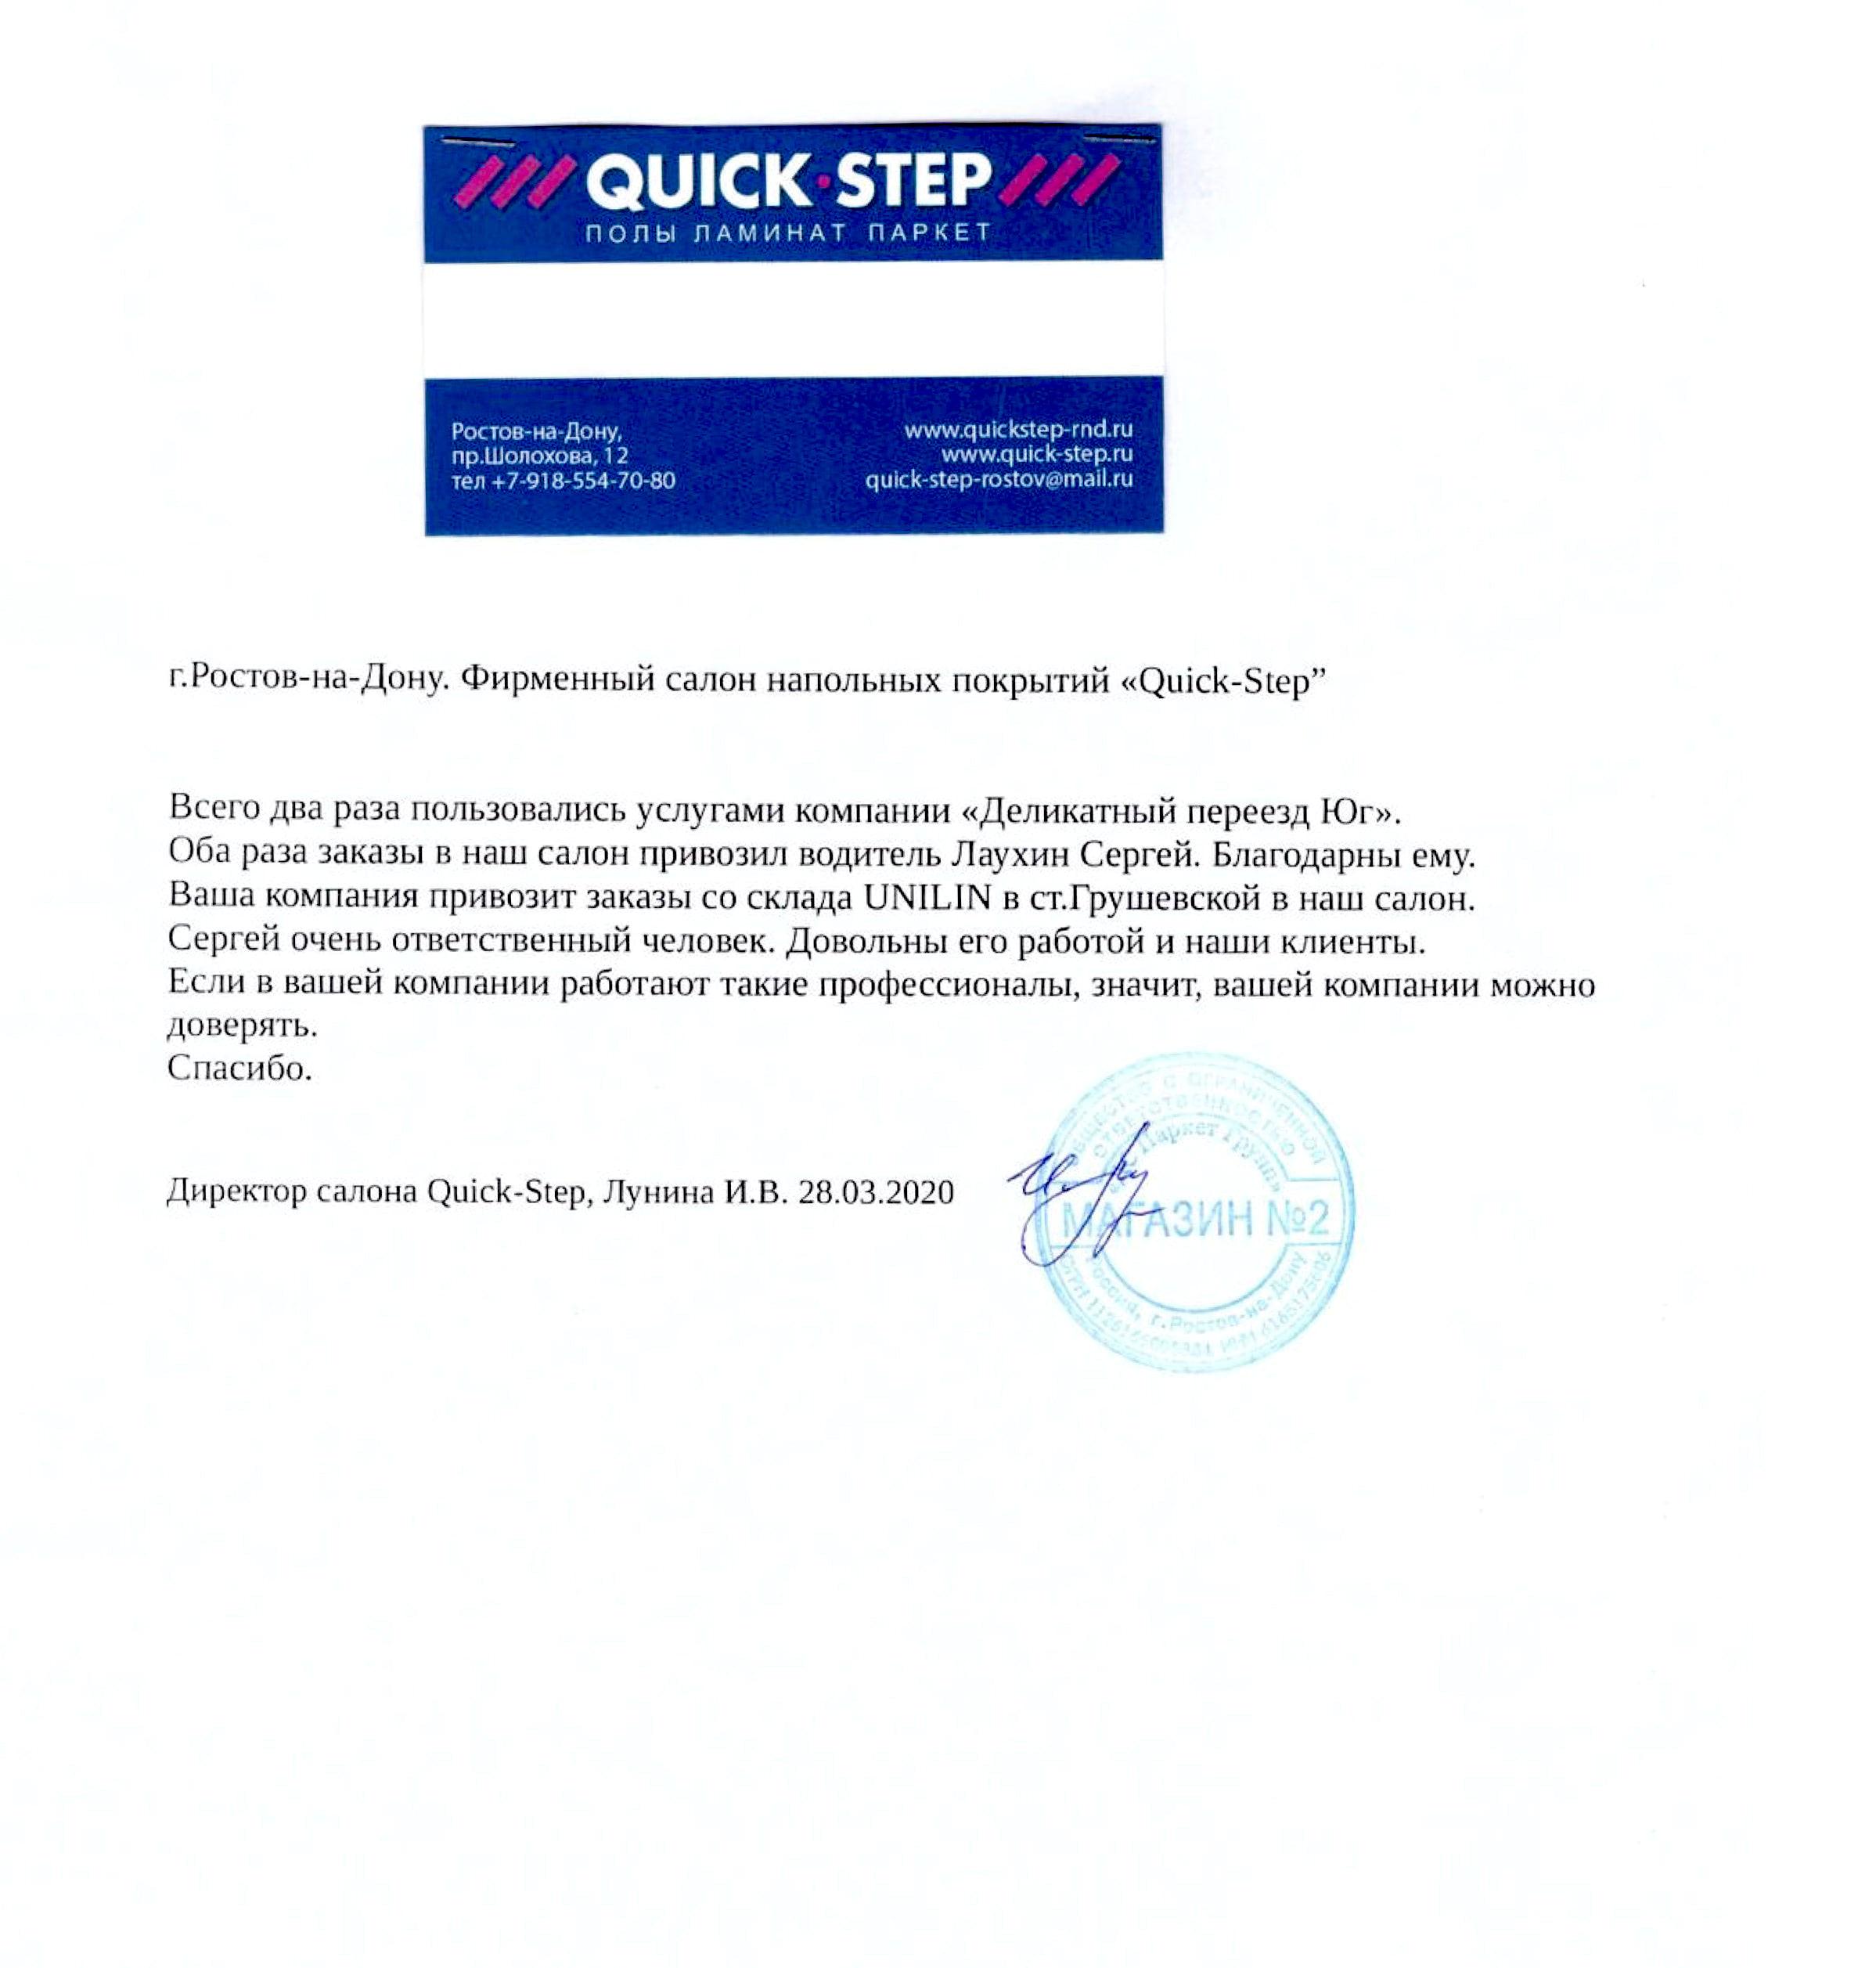 Благодарственное письмо от фирменного салона напольных покрытий Quick-Step г. Ростов-на-Дону